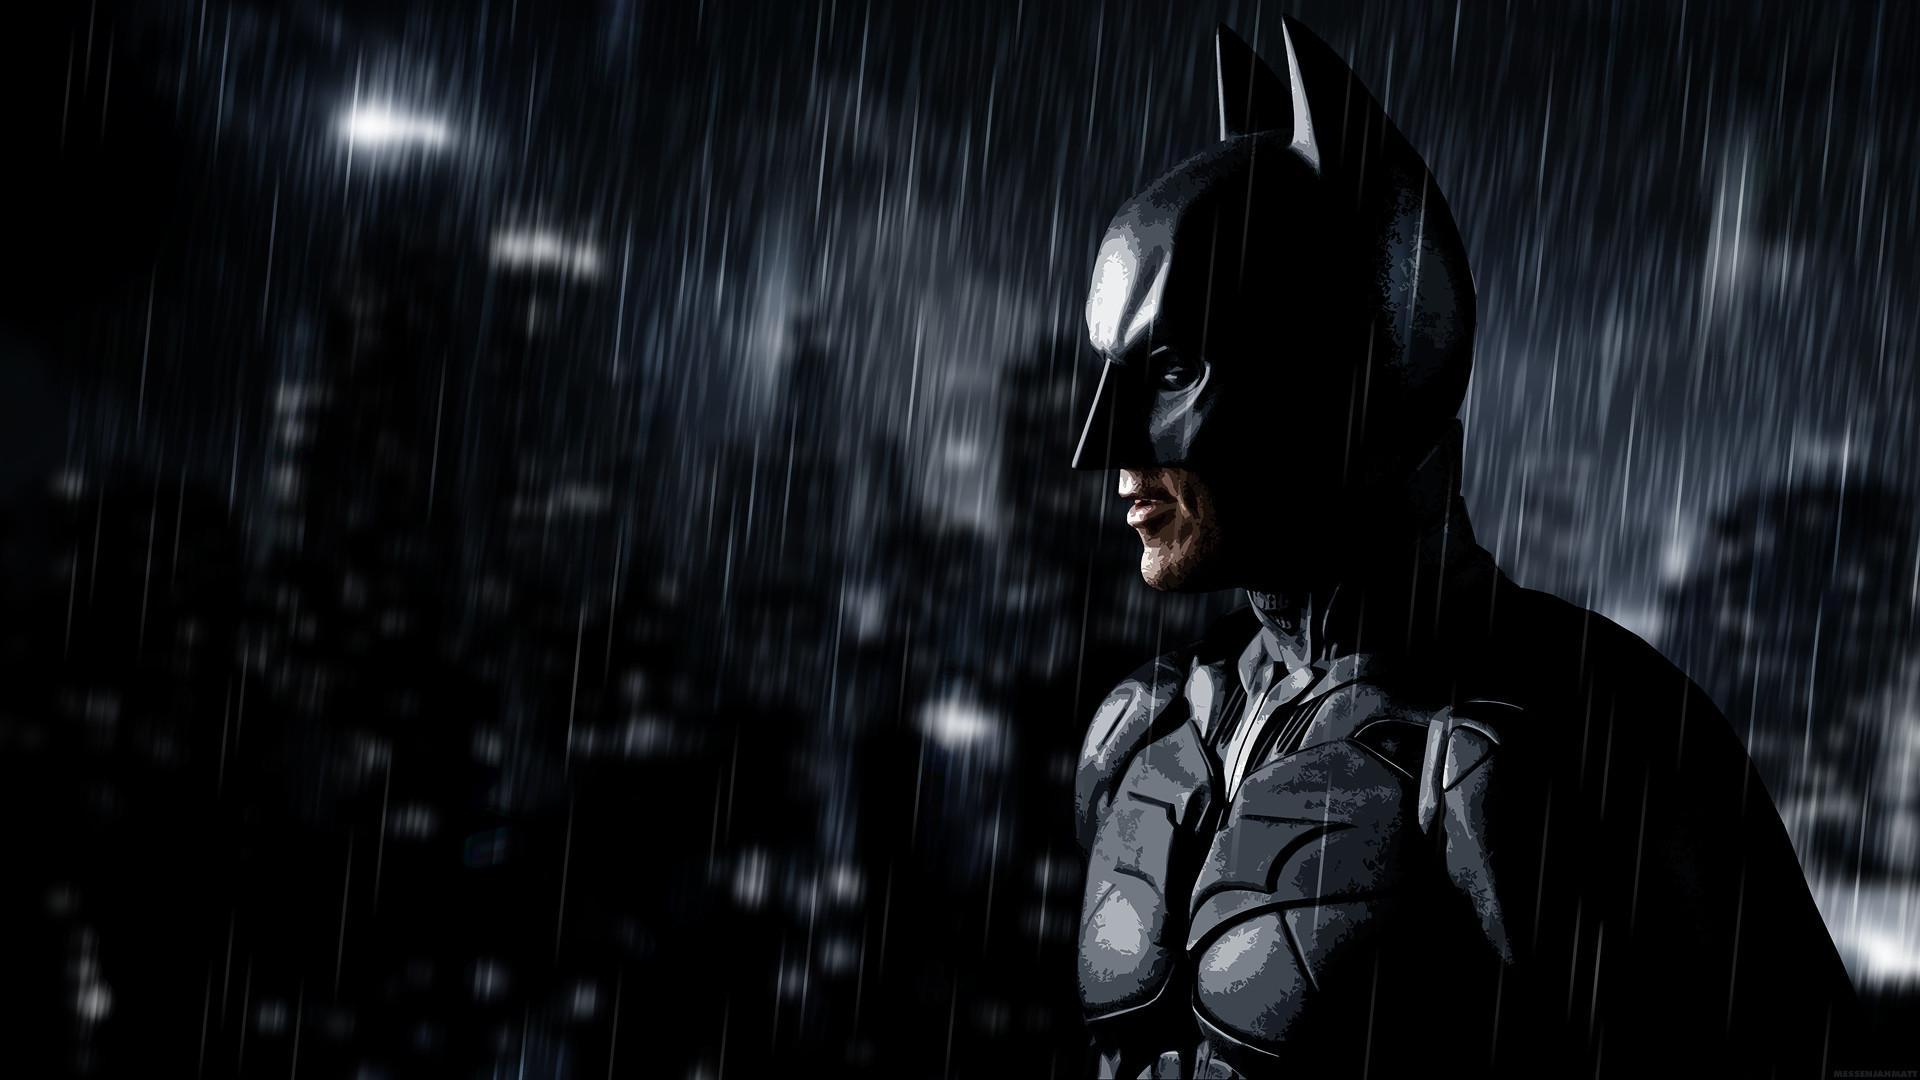 Batman · batman wallpaper 1080p …